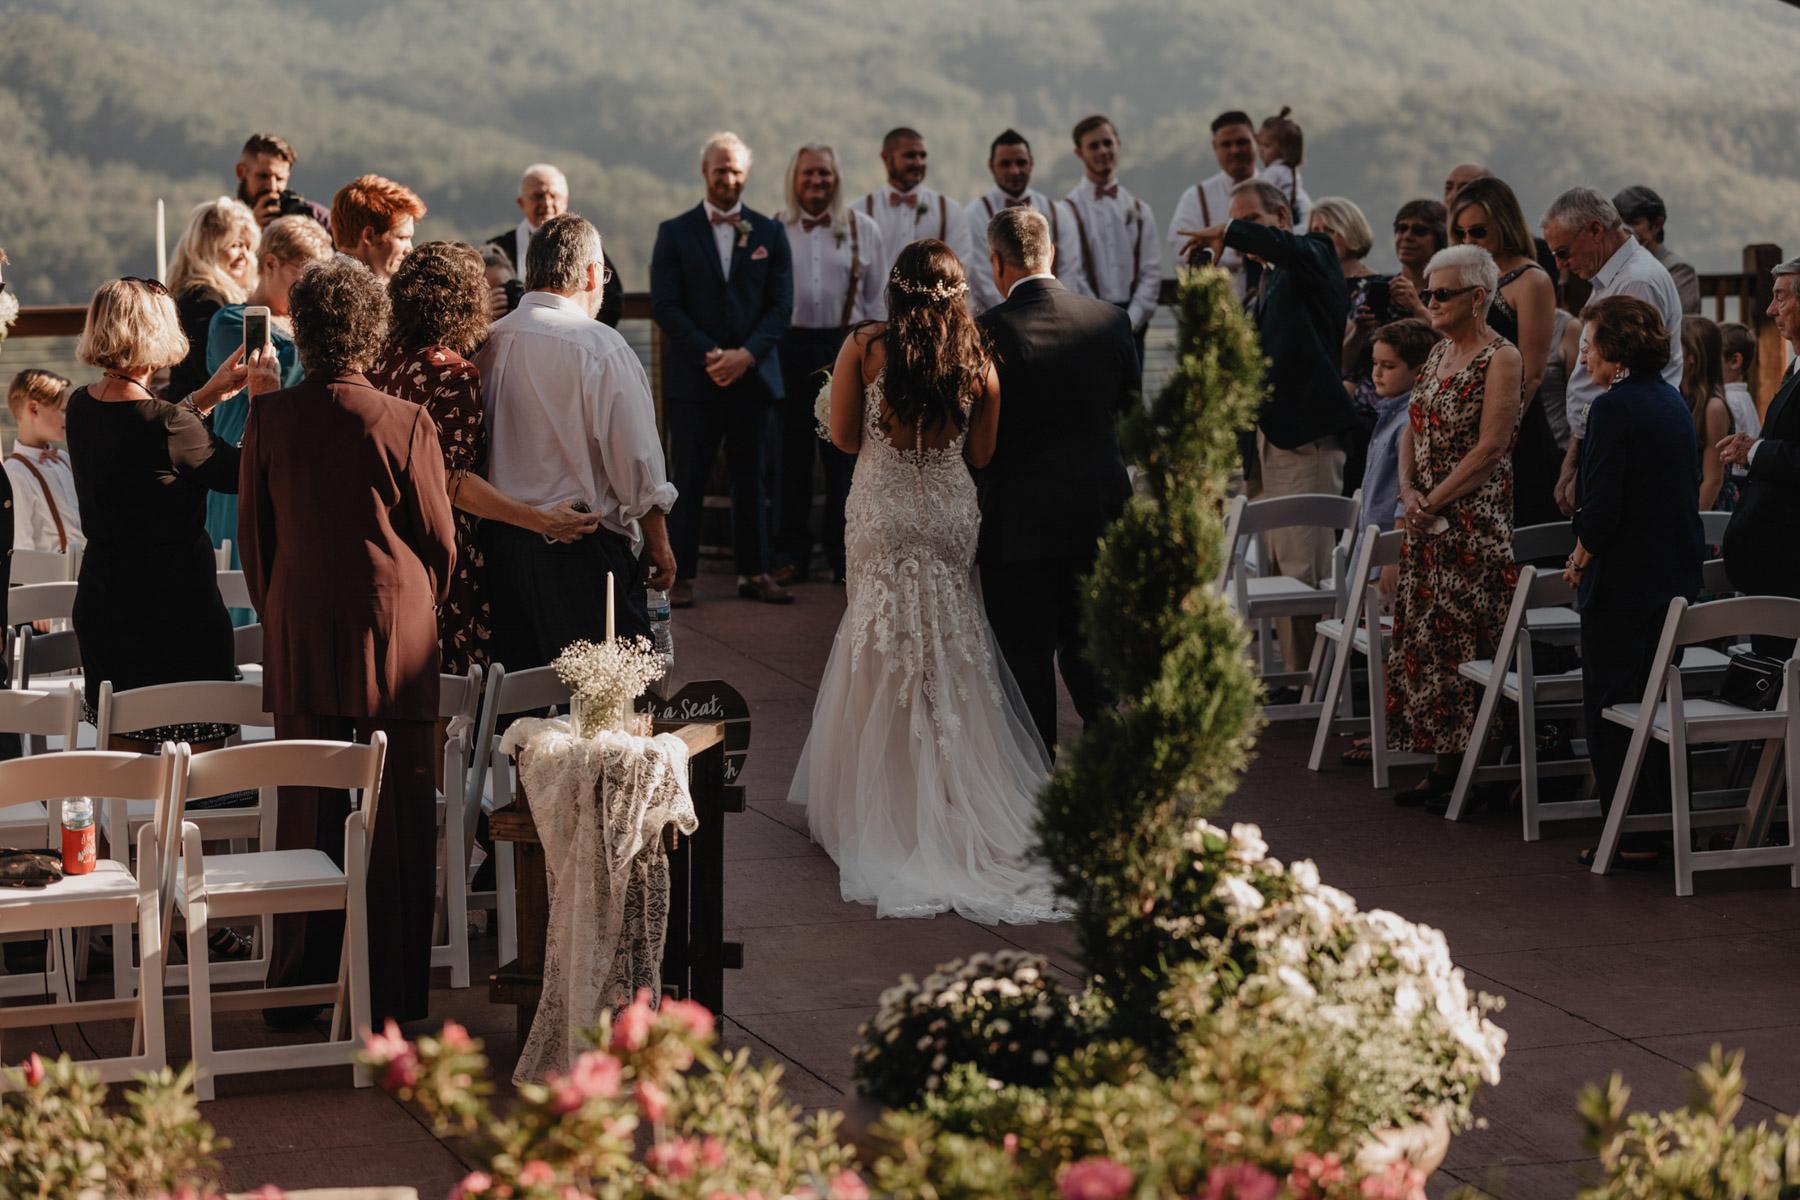 Wedding Venues in Knoxville TN | The Magnolia Venue